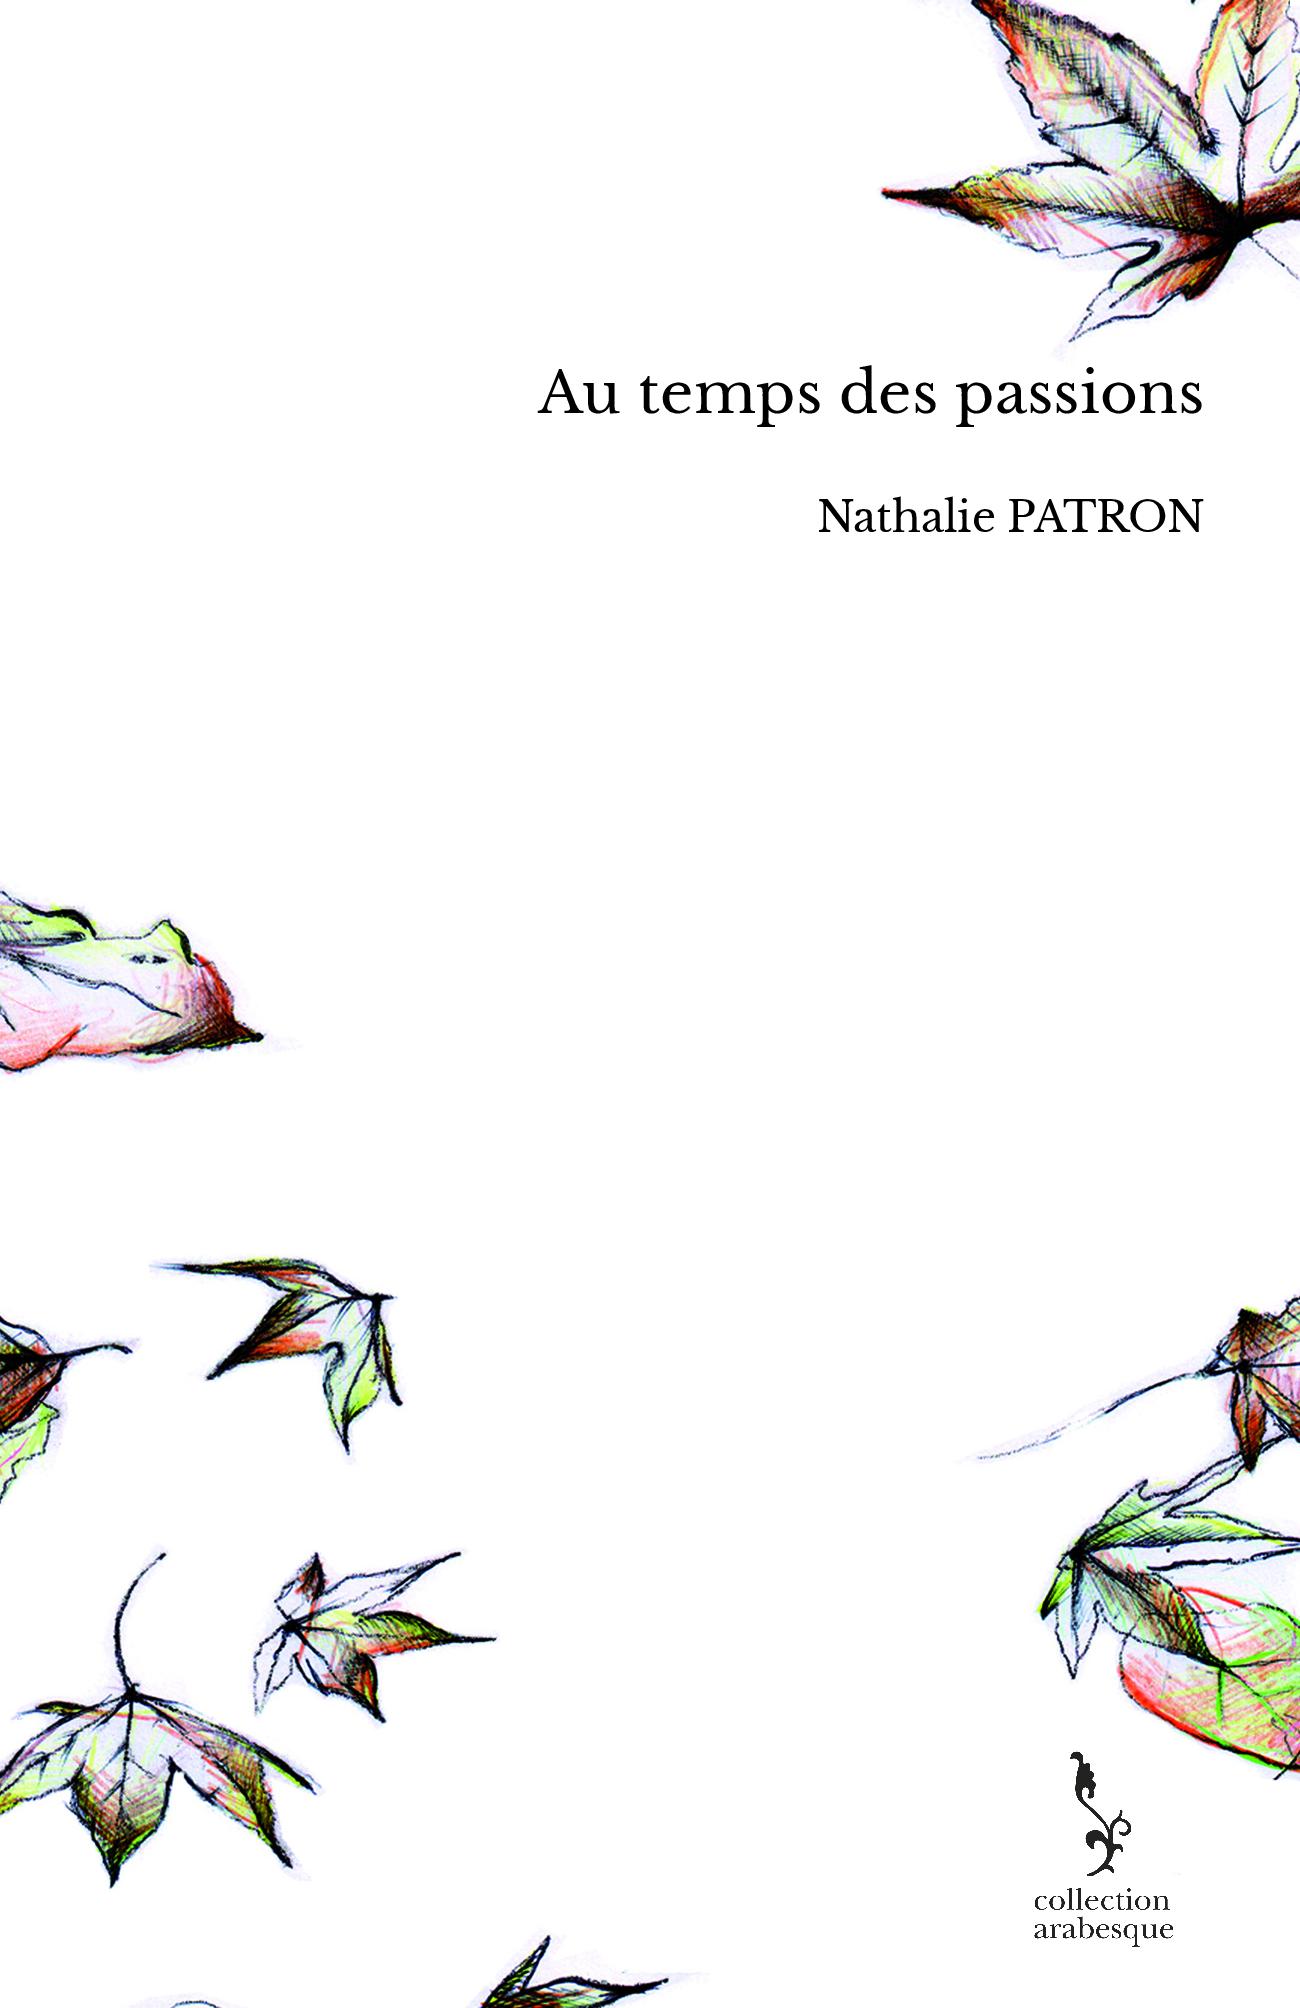 Au temps des passions